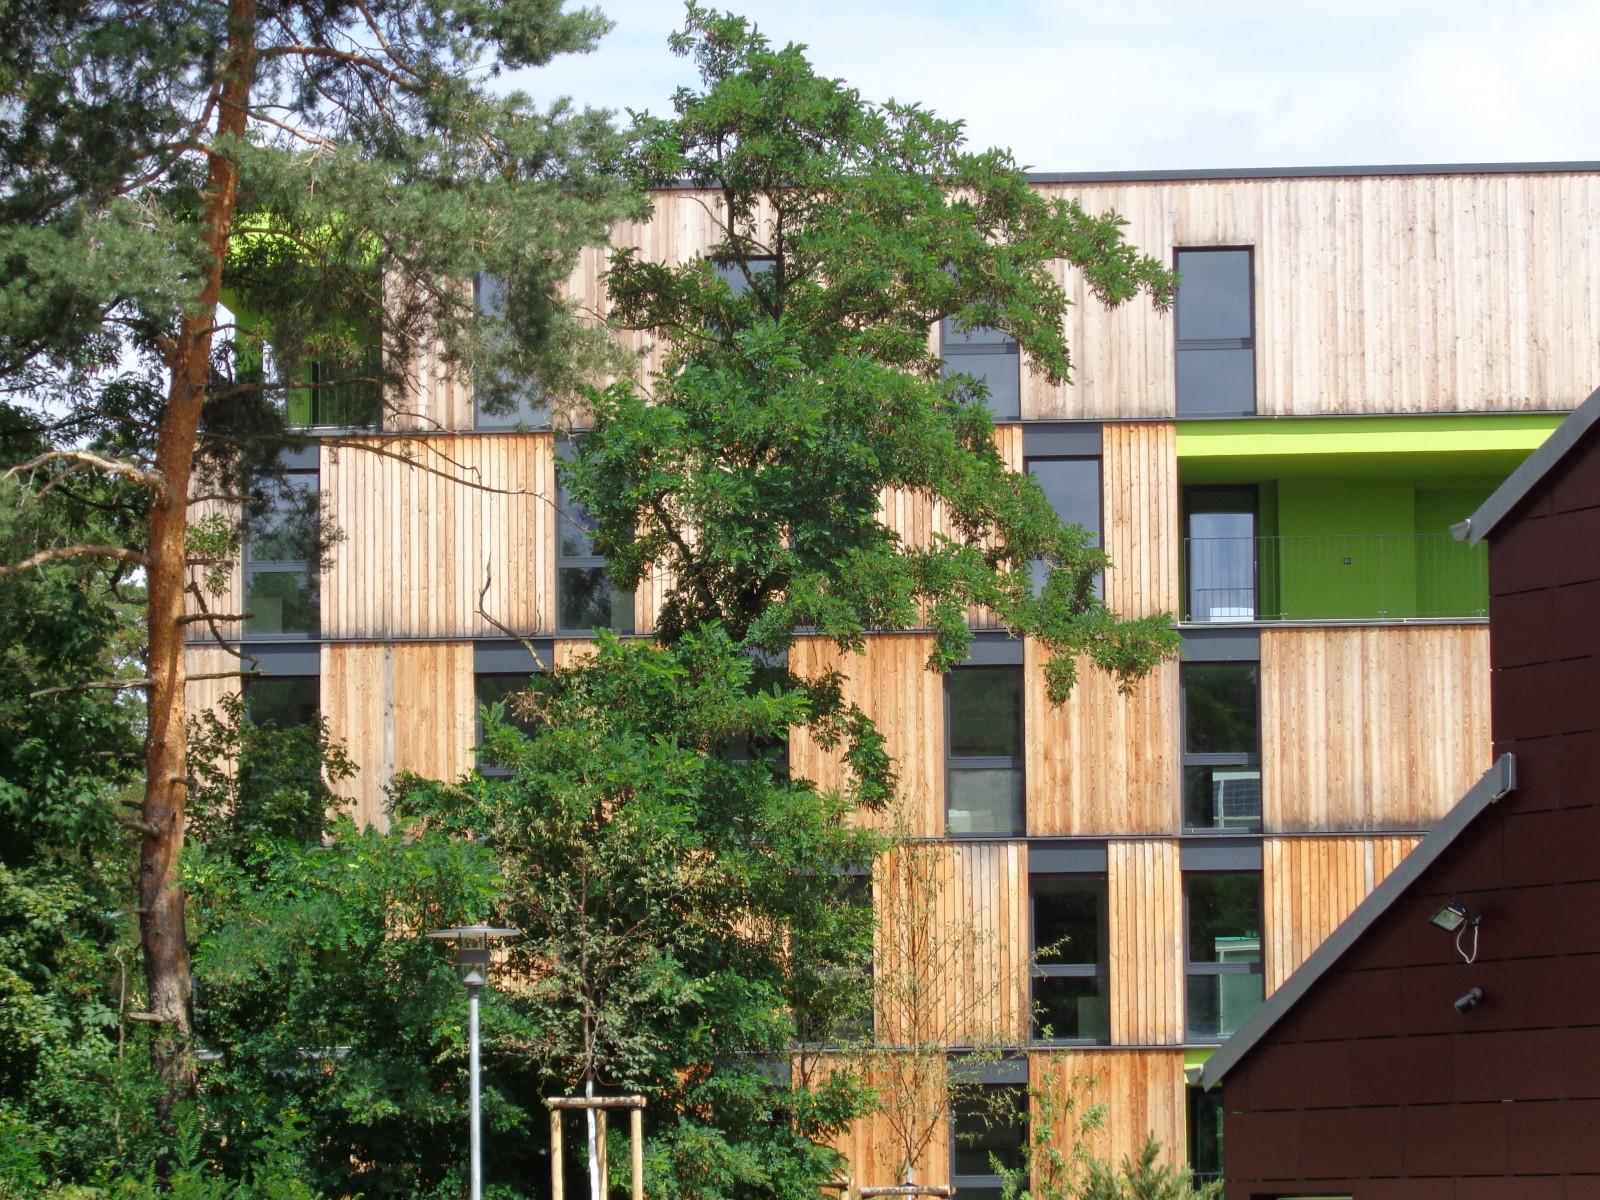 Architektouren 2018, Wohnanlage für Studierende, Campus Süd, Erlangen